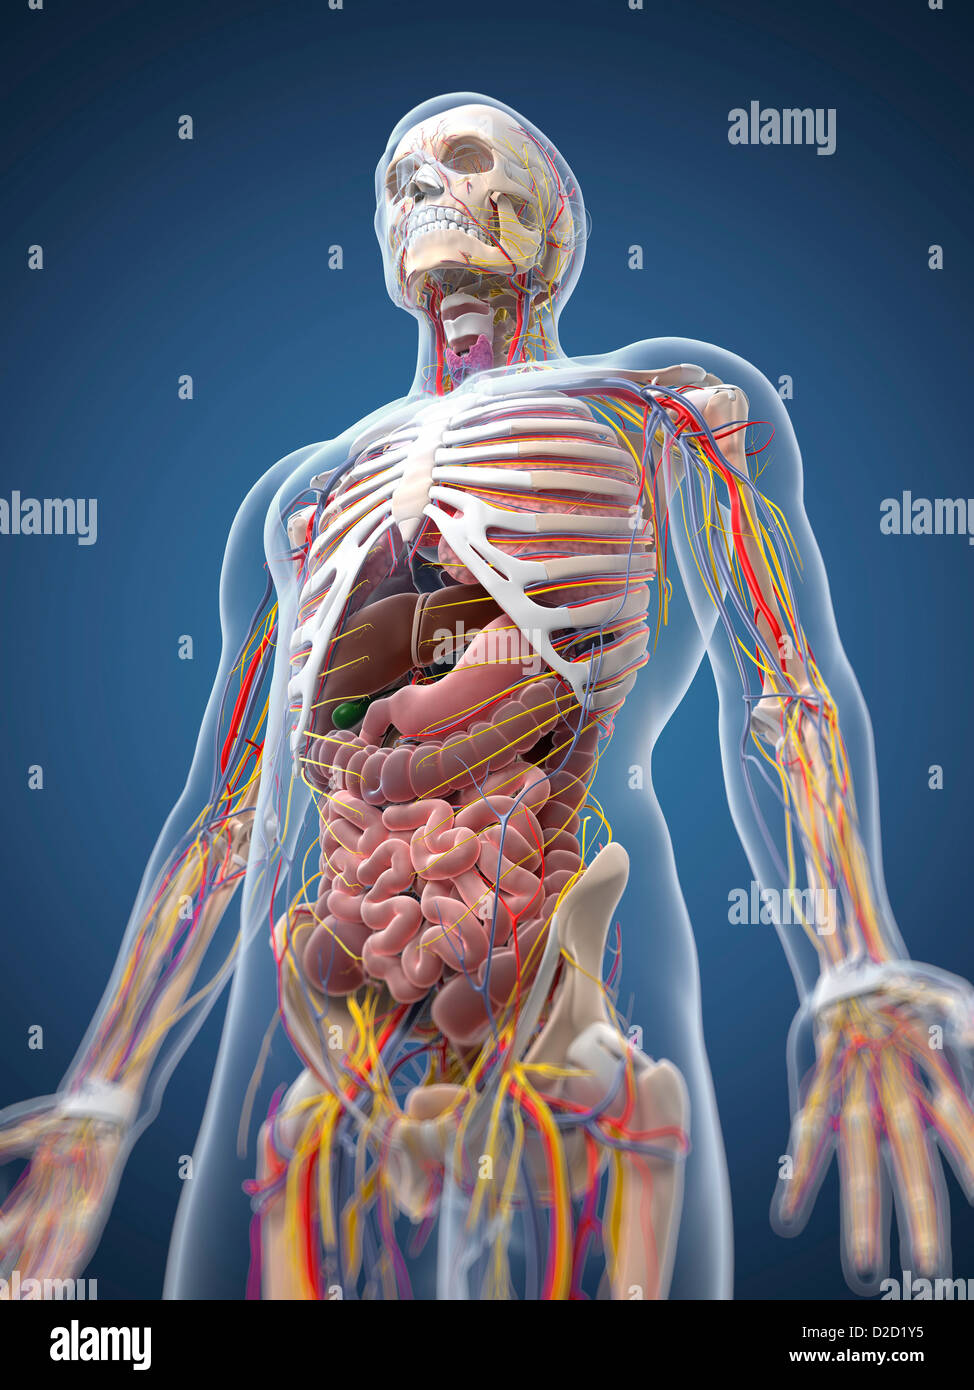 Menschliche Anatomie Computer Grafik Stockfoto, Bild: 53147337 - Alamy